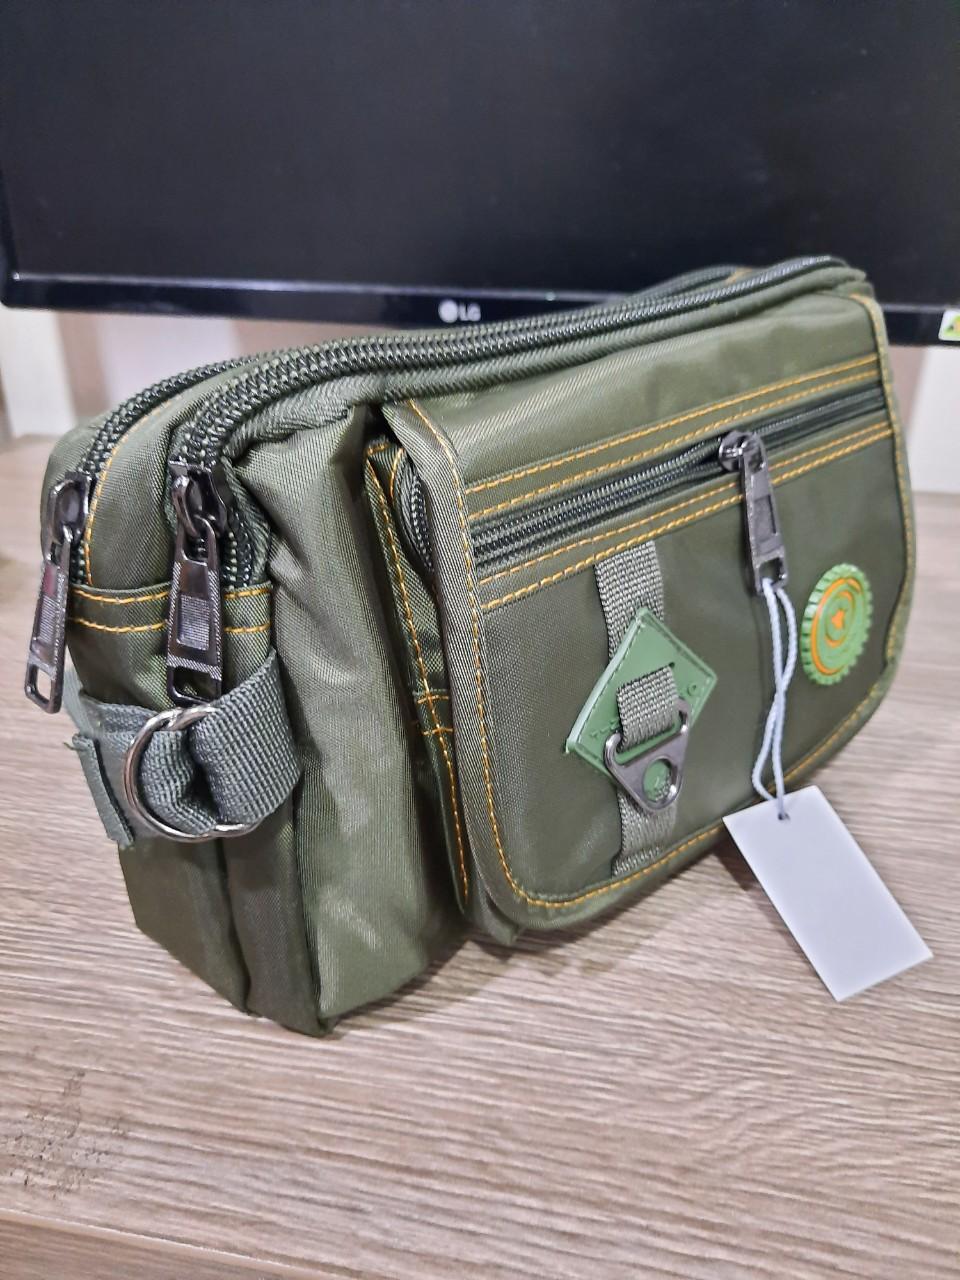 Túi đeo bụng TĐ 5520 dạng lớn siêu bền KS987 Shalla ( túi đeo bụng sỉ số lượng lớn)